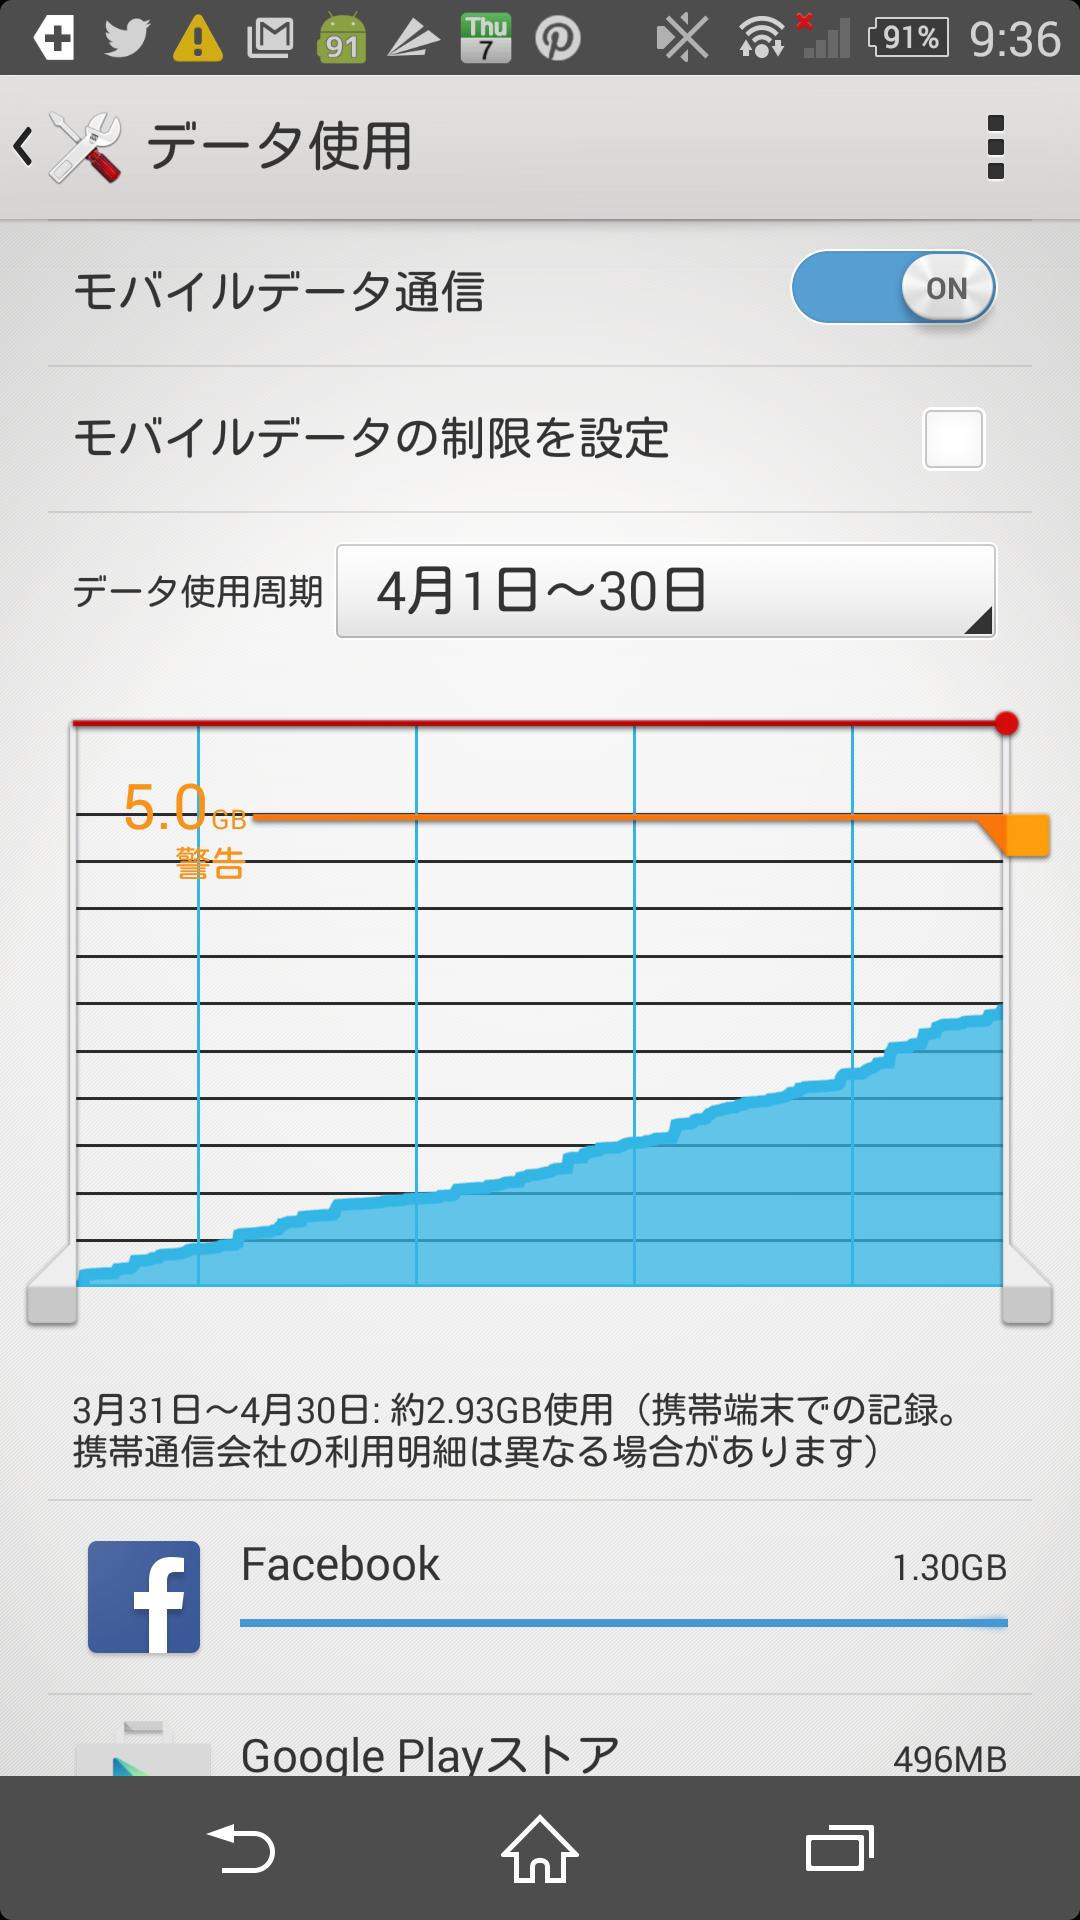 使用料(4月)